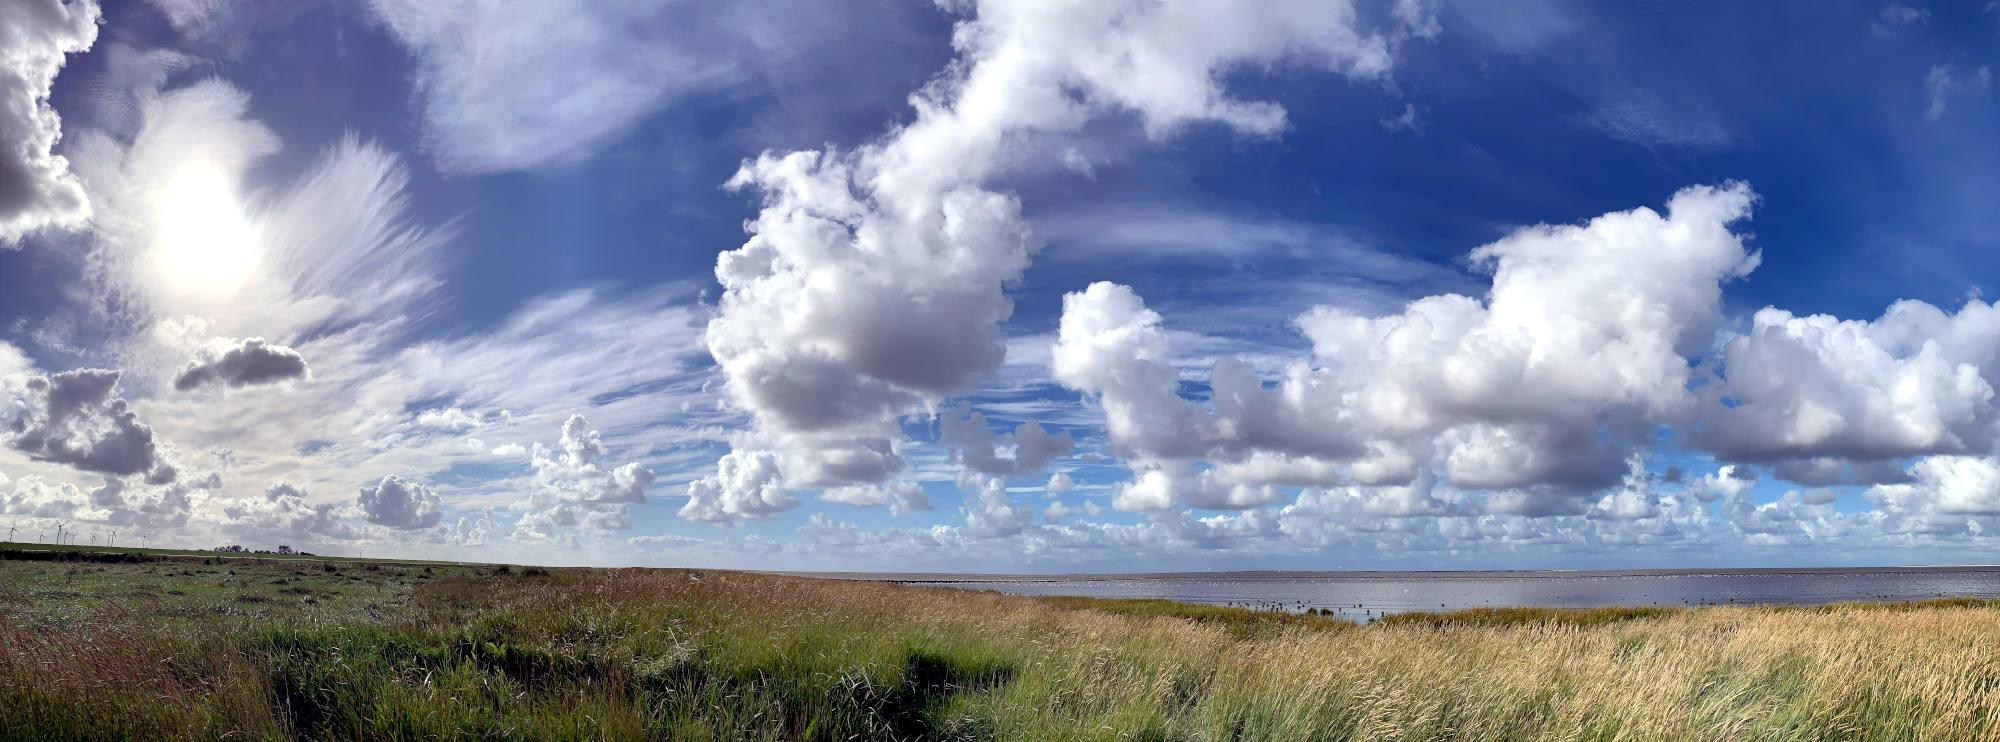 Graslandschaft, dahinter das Meer. Der Hommel ist blau mit Schäfchenwolken.